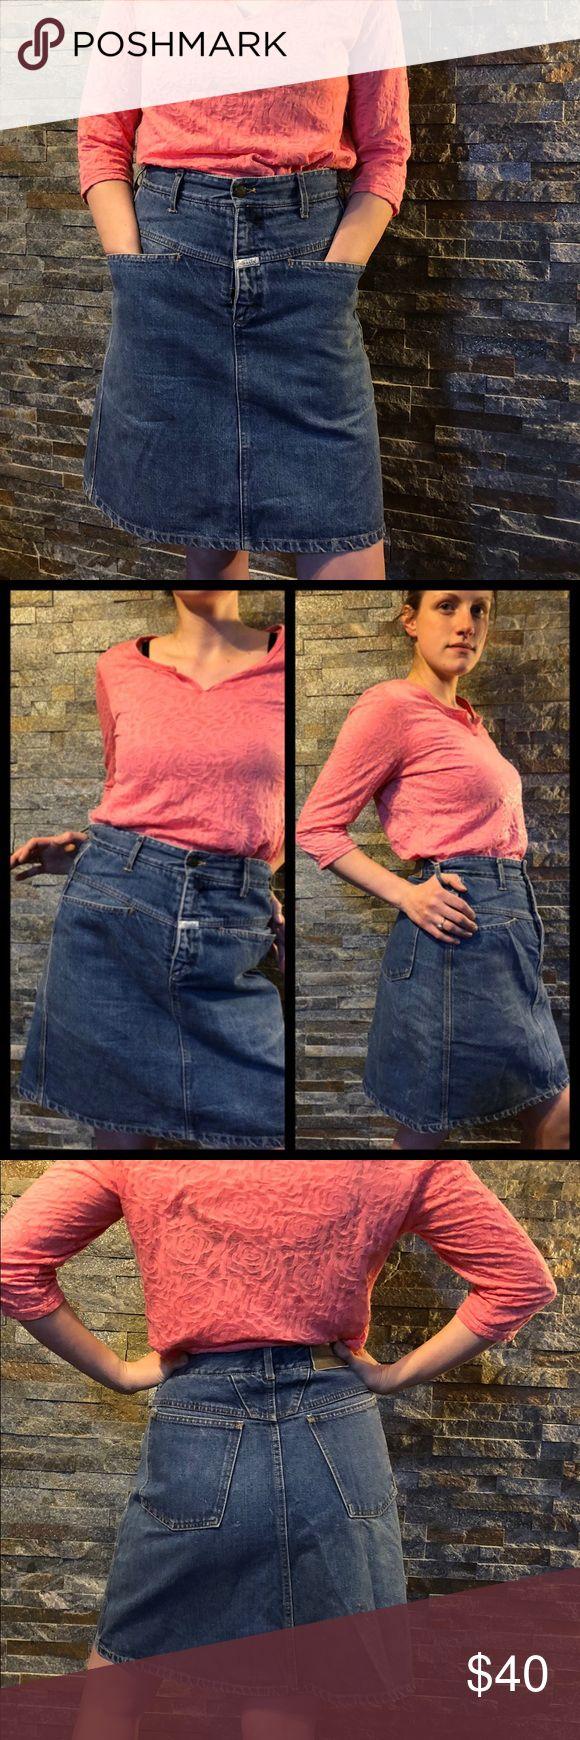 vintage Marithé Francois Girbaud Jean Skirt Good condition. Size 11/12 Marithé Francois Girbaud Skirts